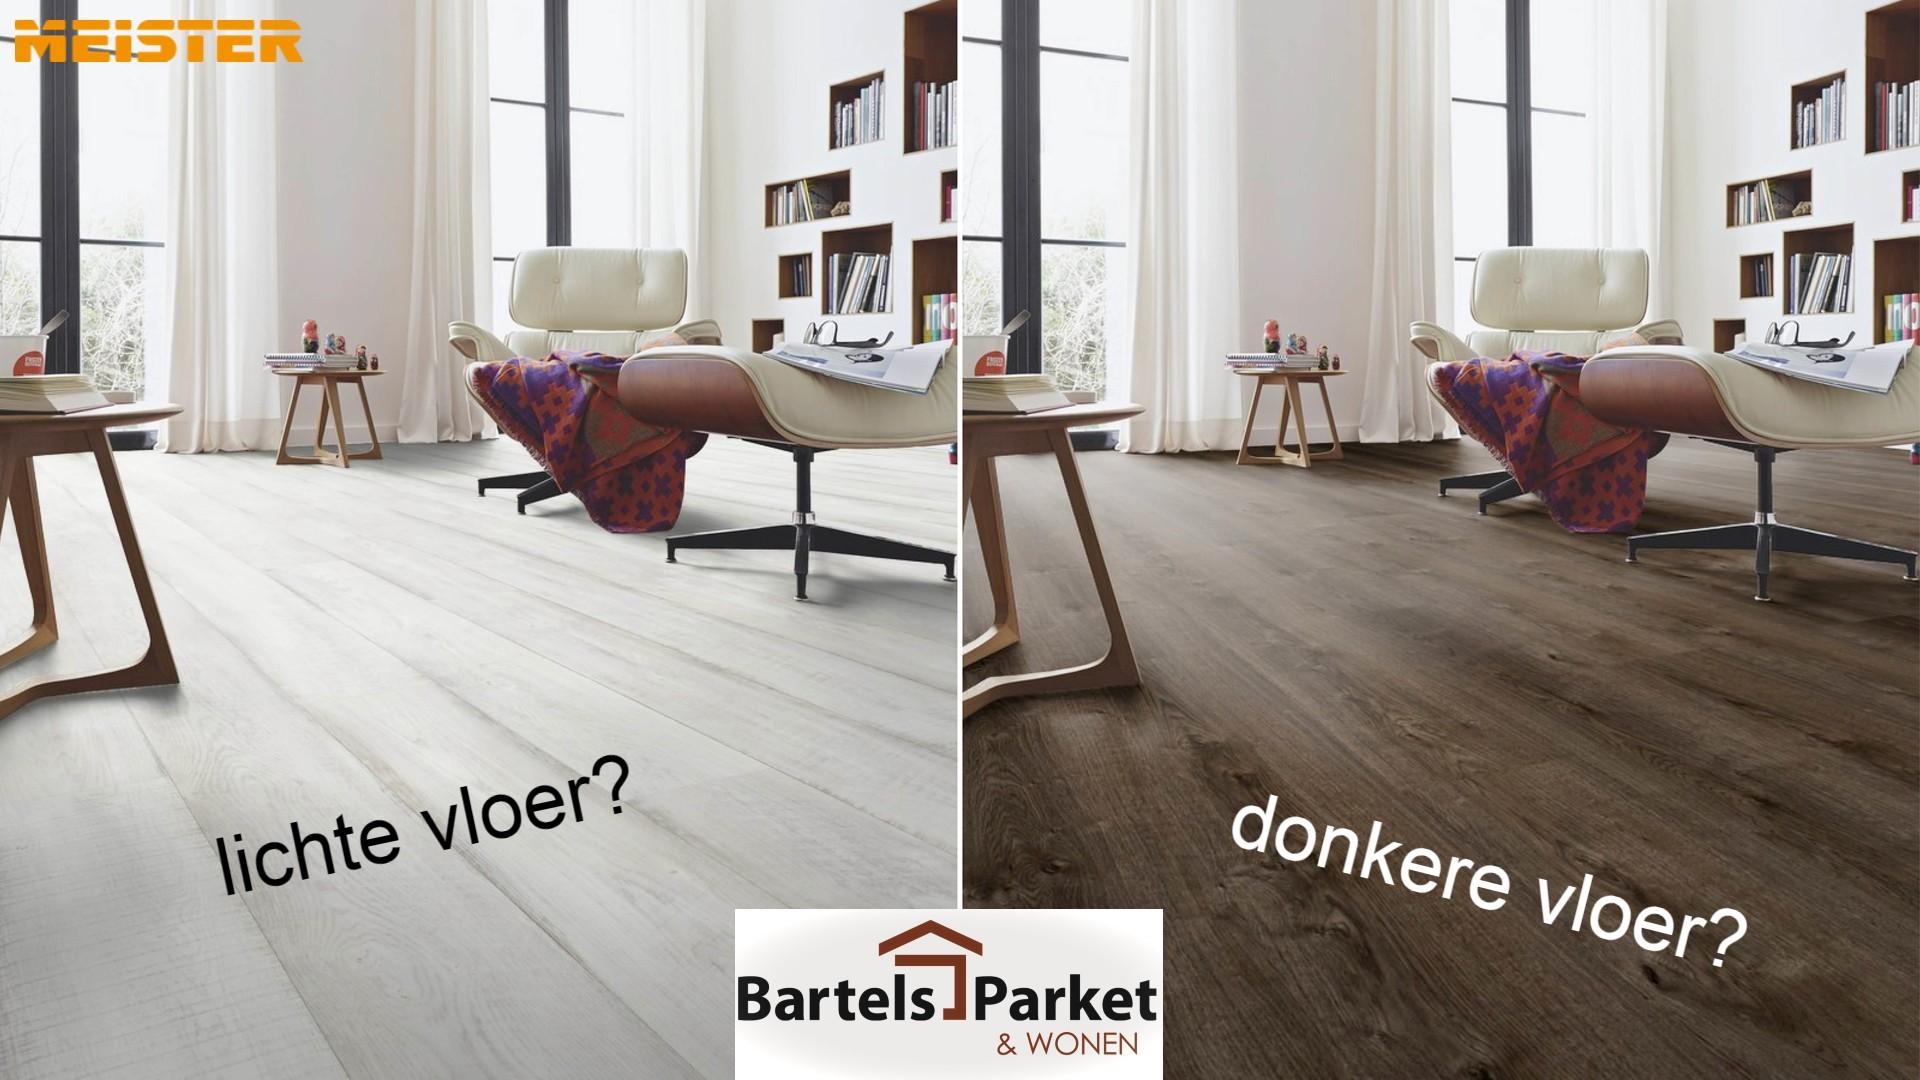 Lichte of donkere vloer